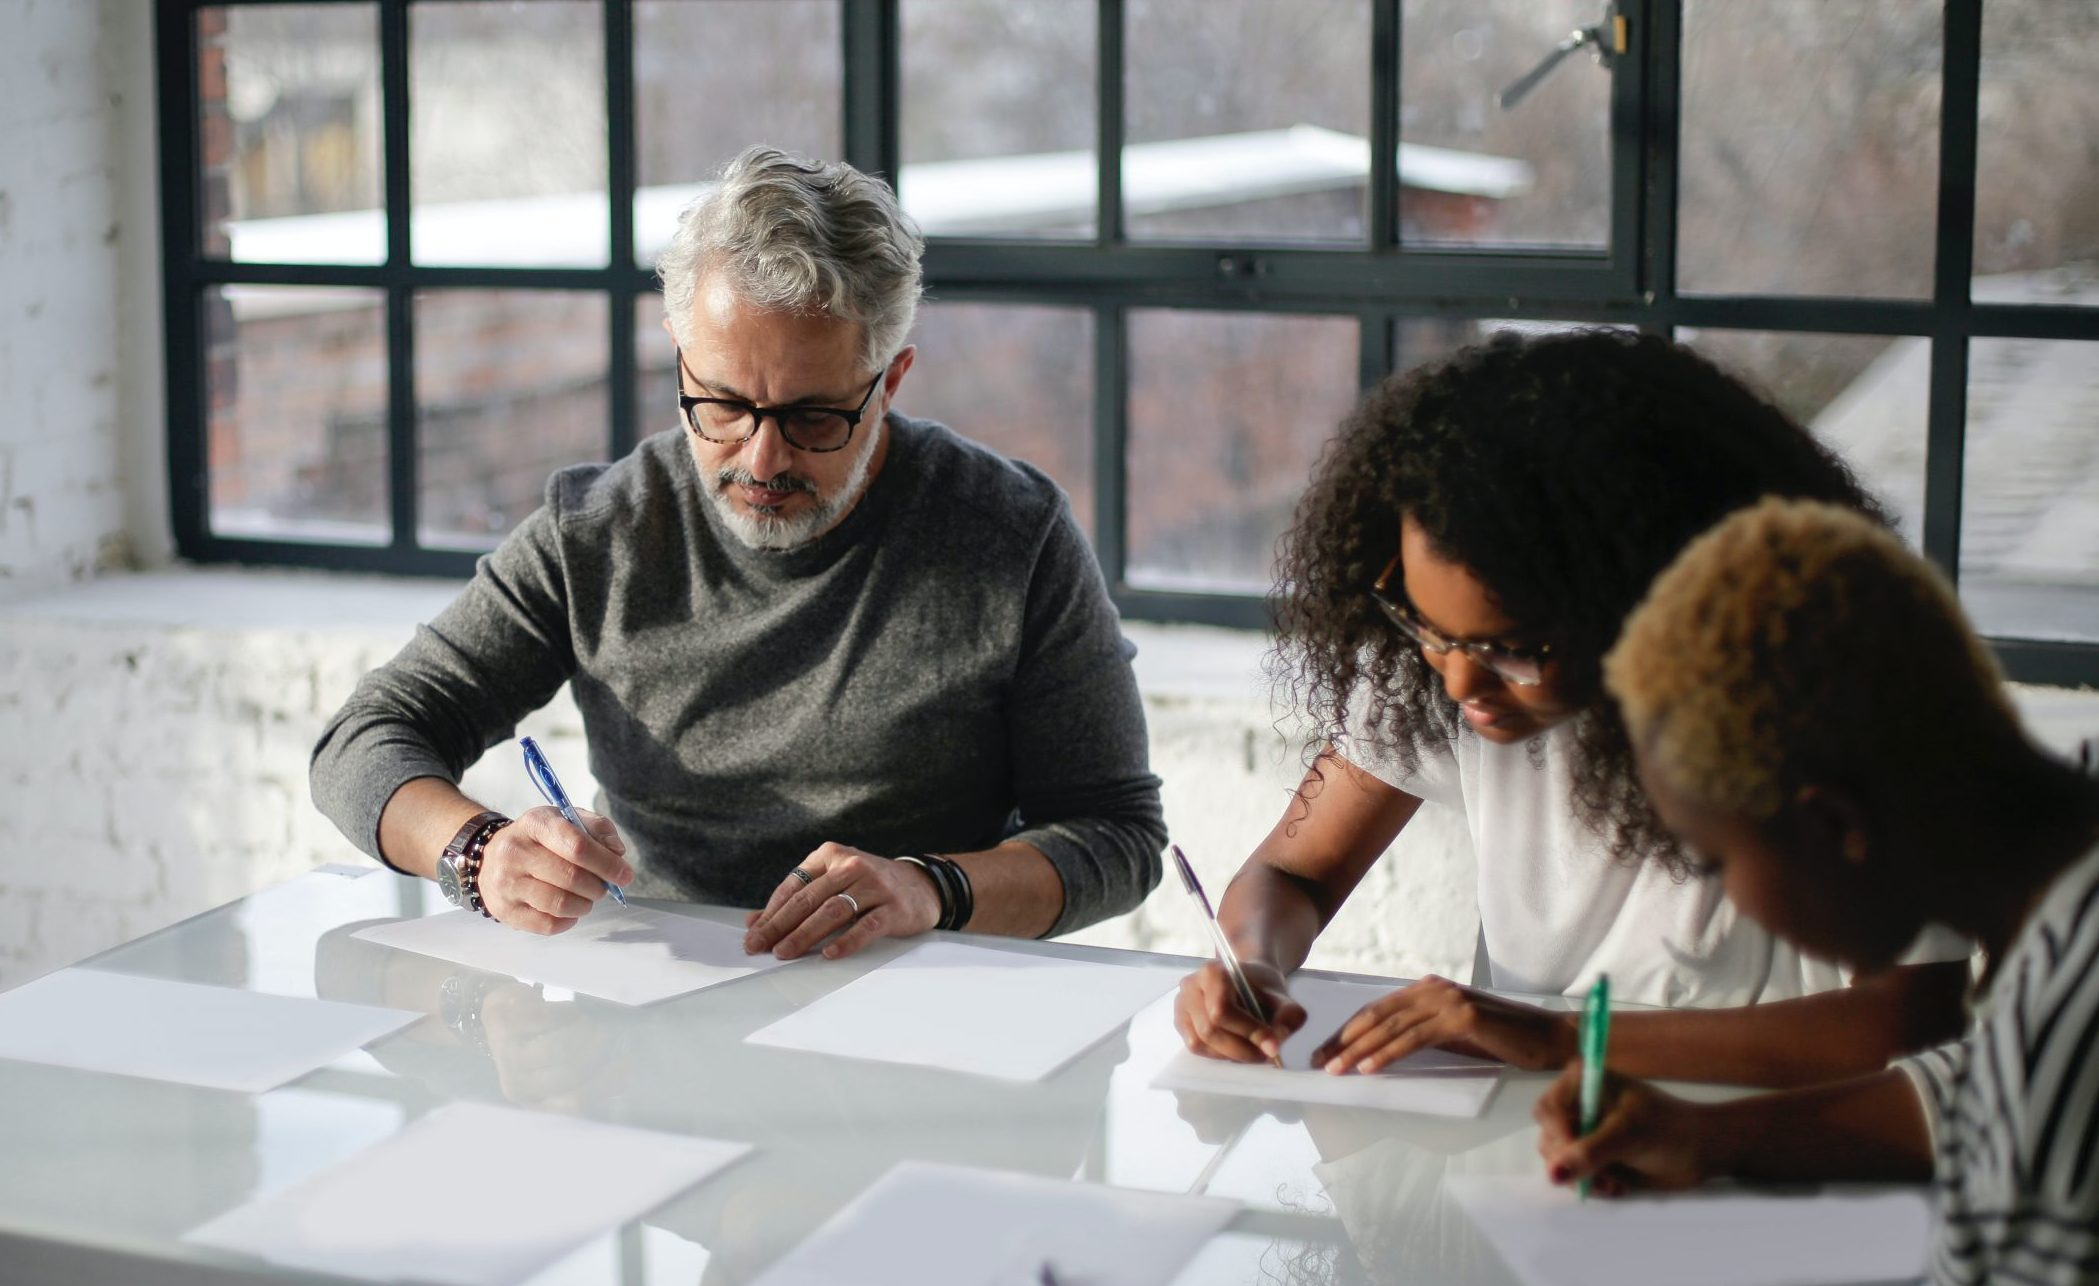 Menschen schreiben gemeinsam an einem Tisch